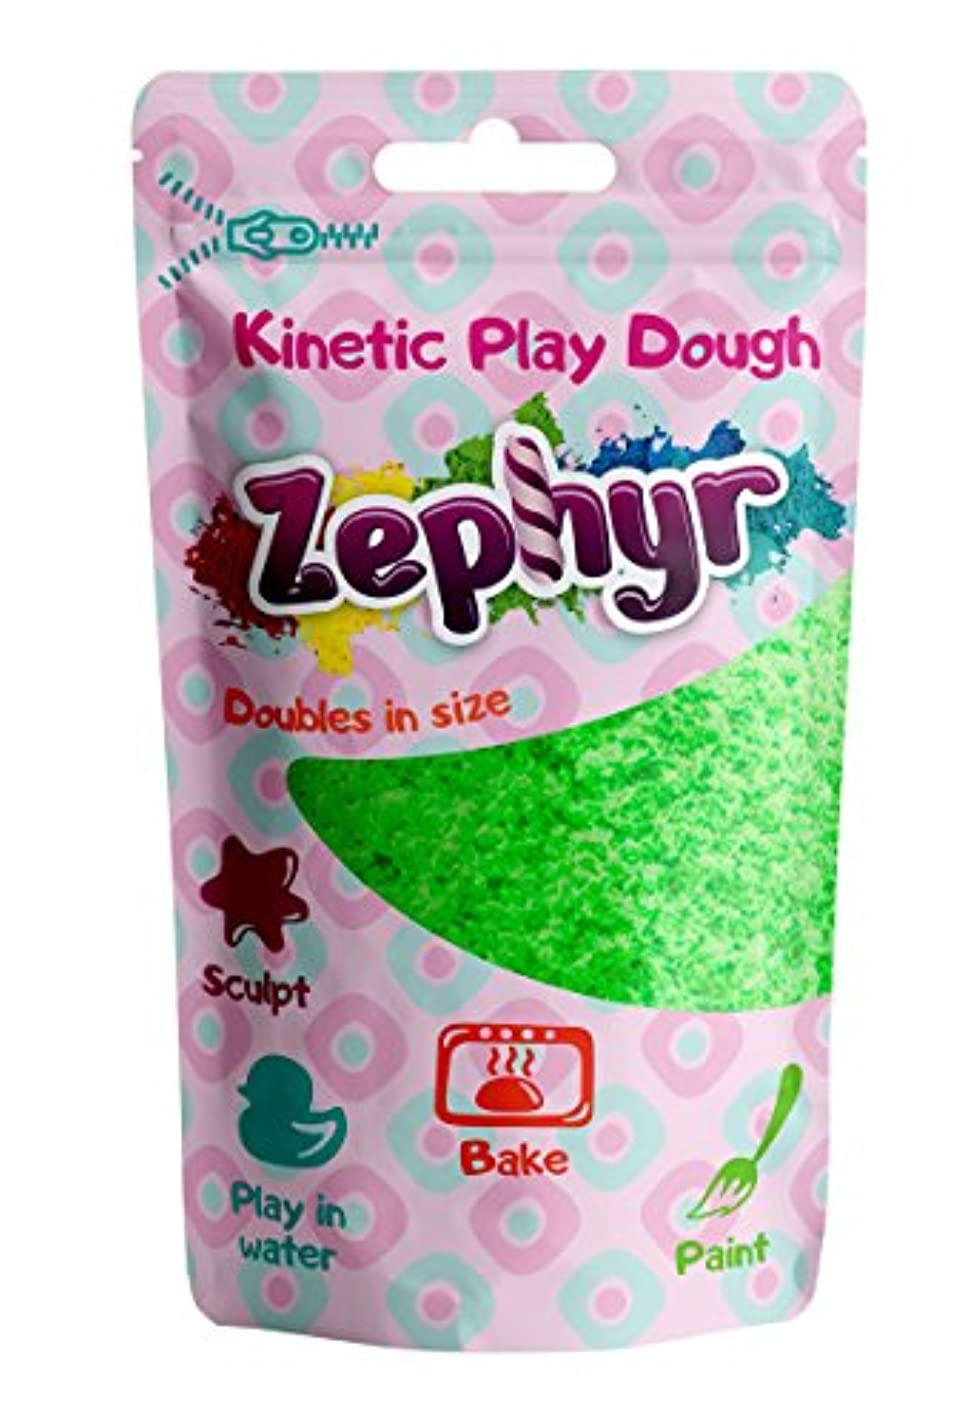 ゼファー、Kinetic play-doughのDoyパック(グリーン)